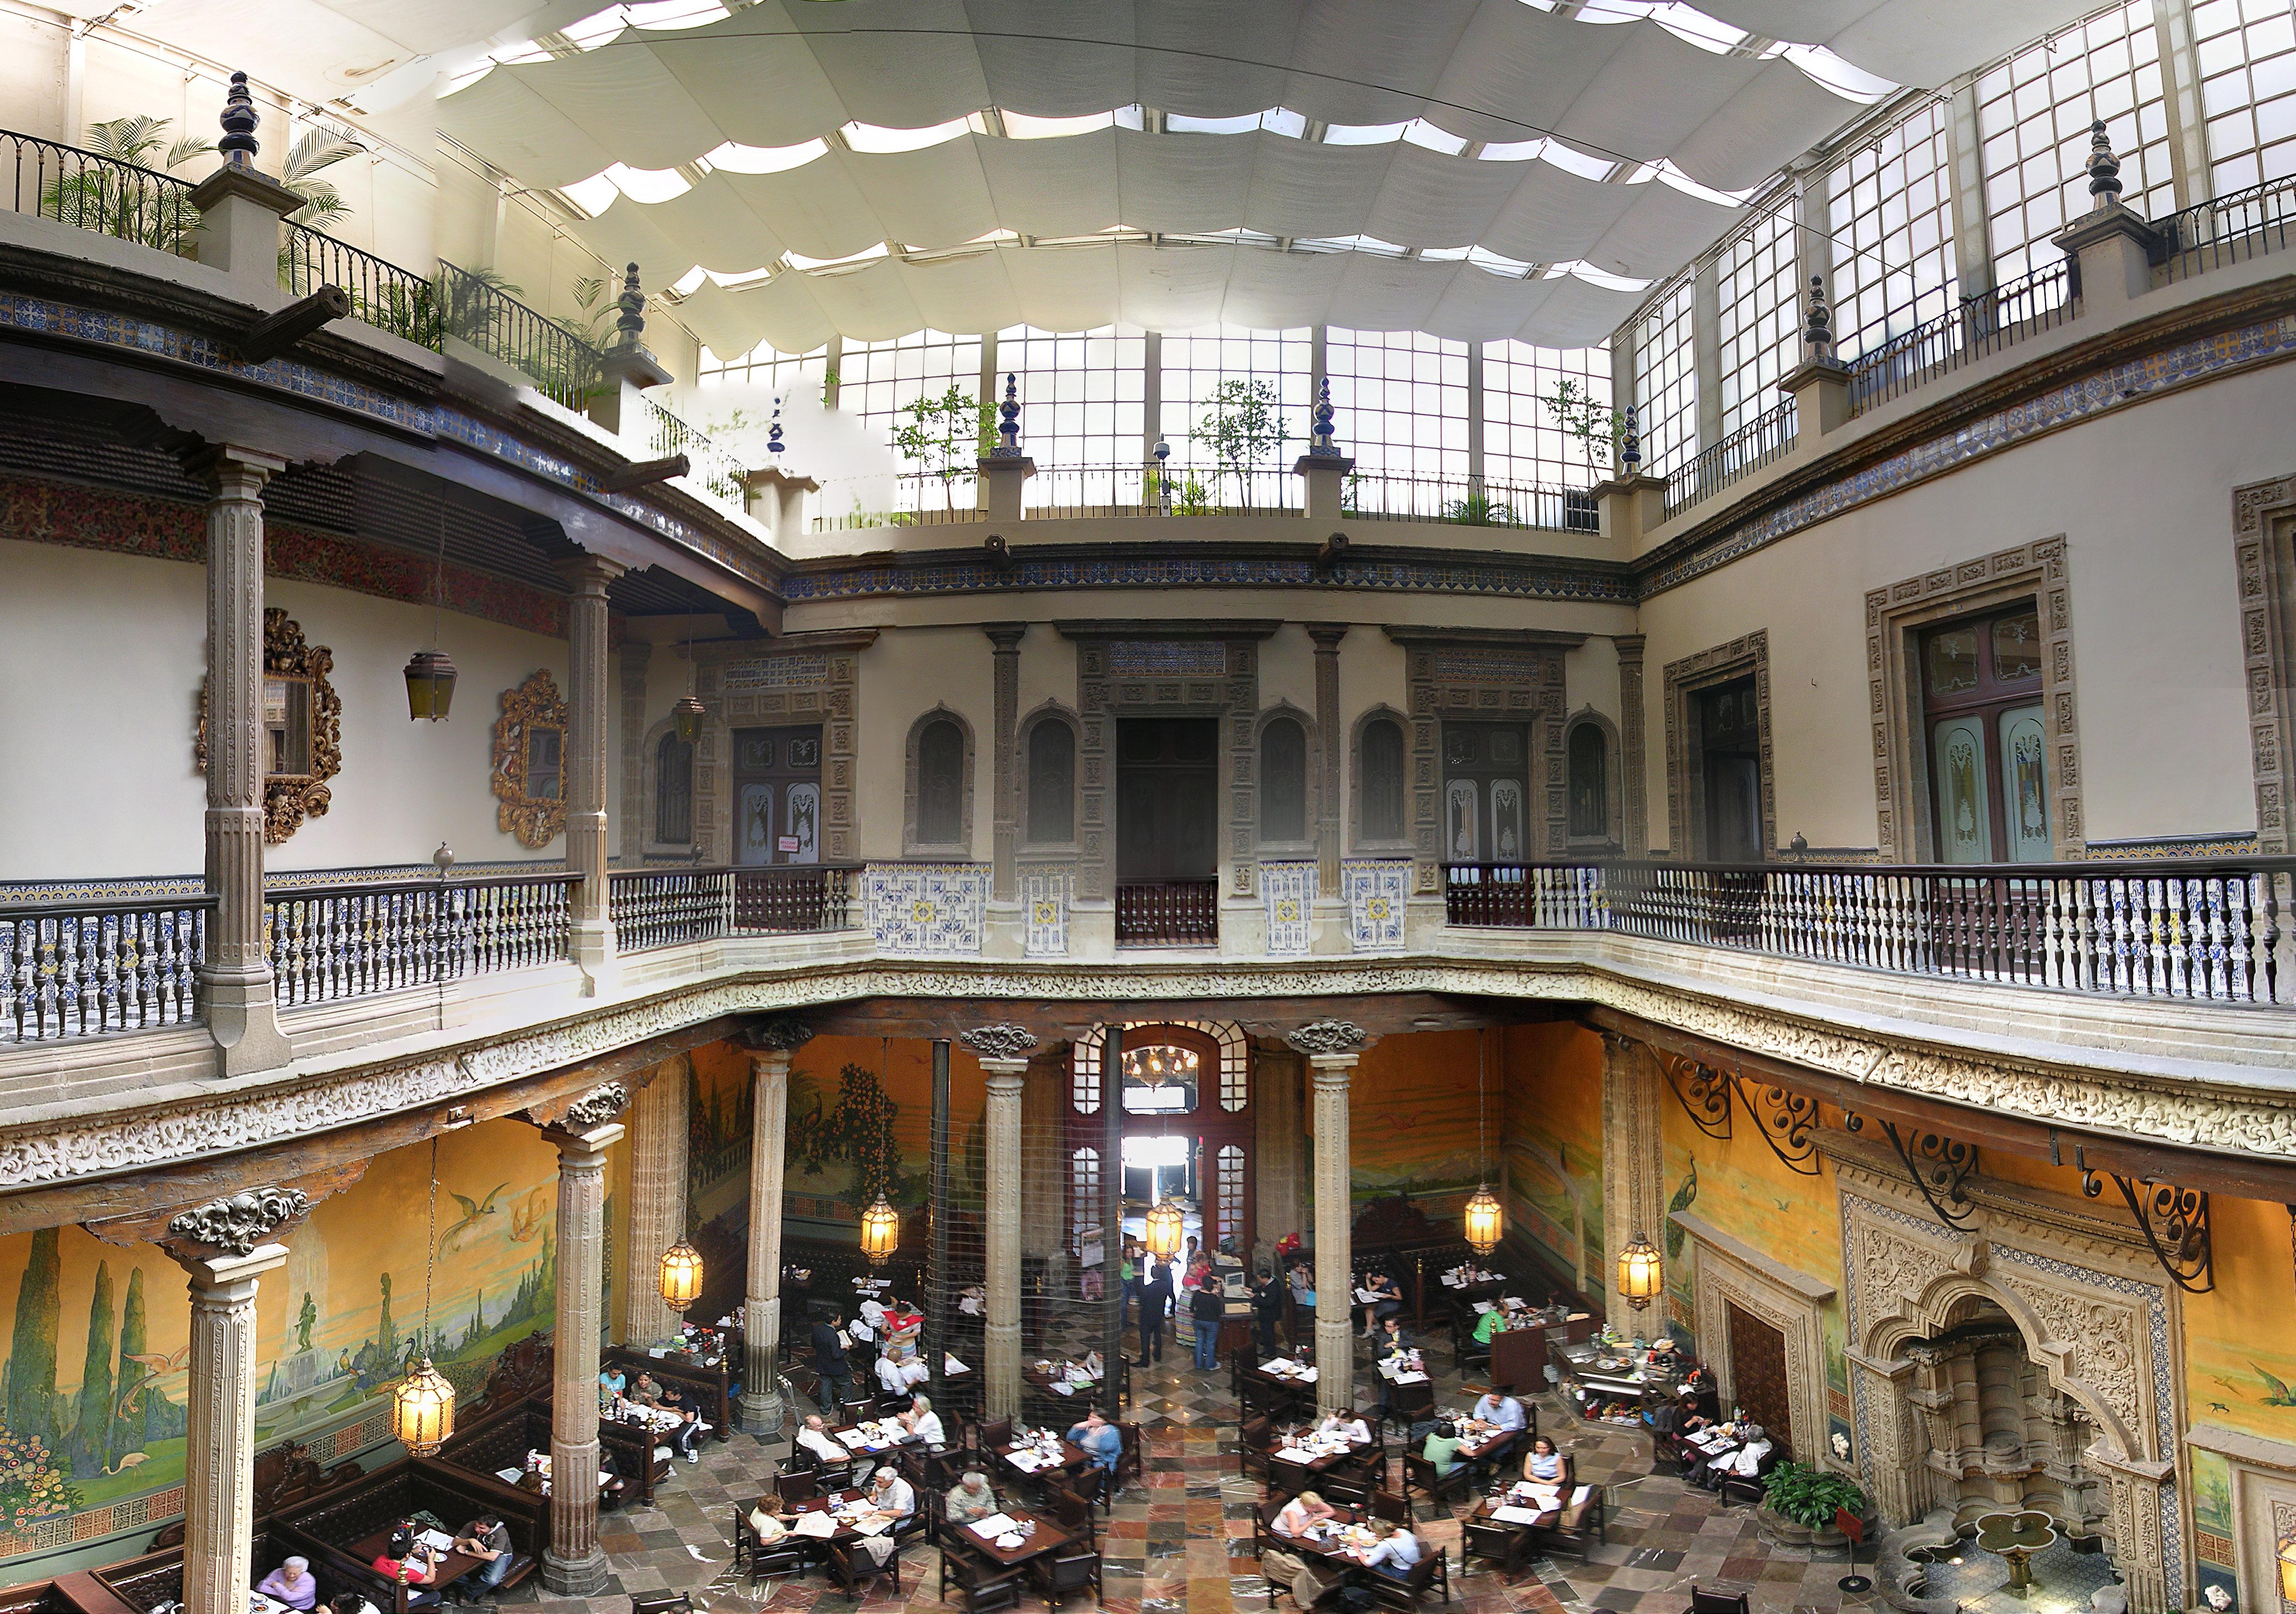 Interior de la casa de los azulejos mexico df flickr for Restaurant los azulejos df